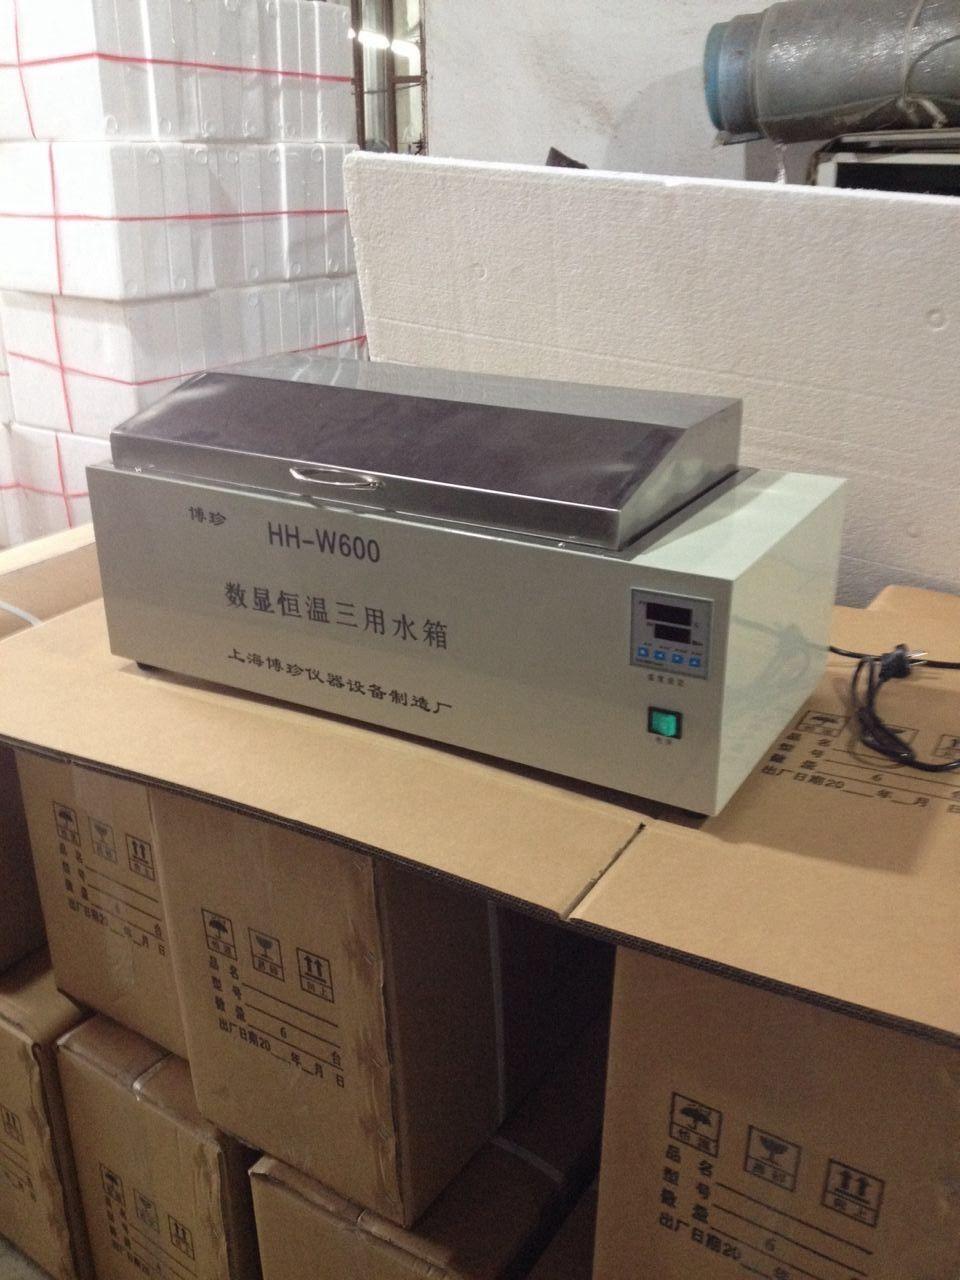 尼龙水煮测试仪工程塑料水煮测试仪